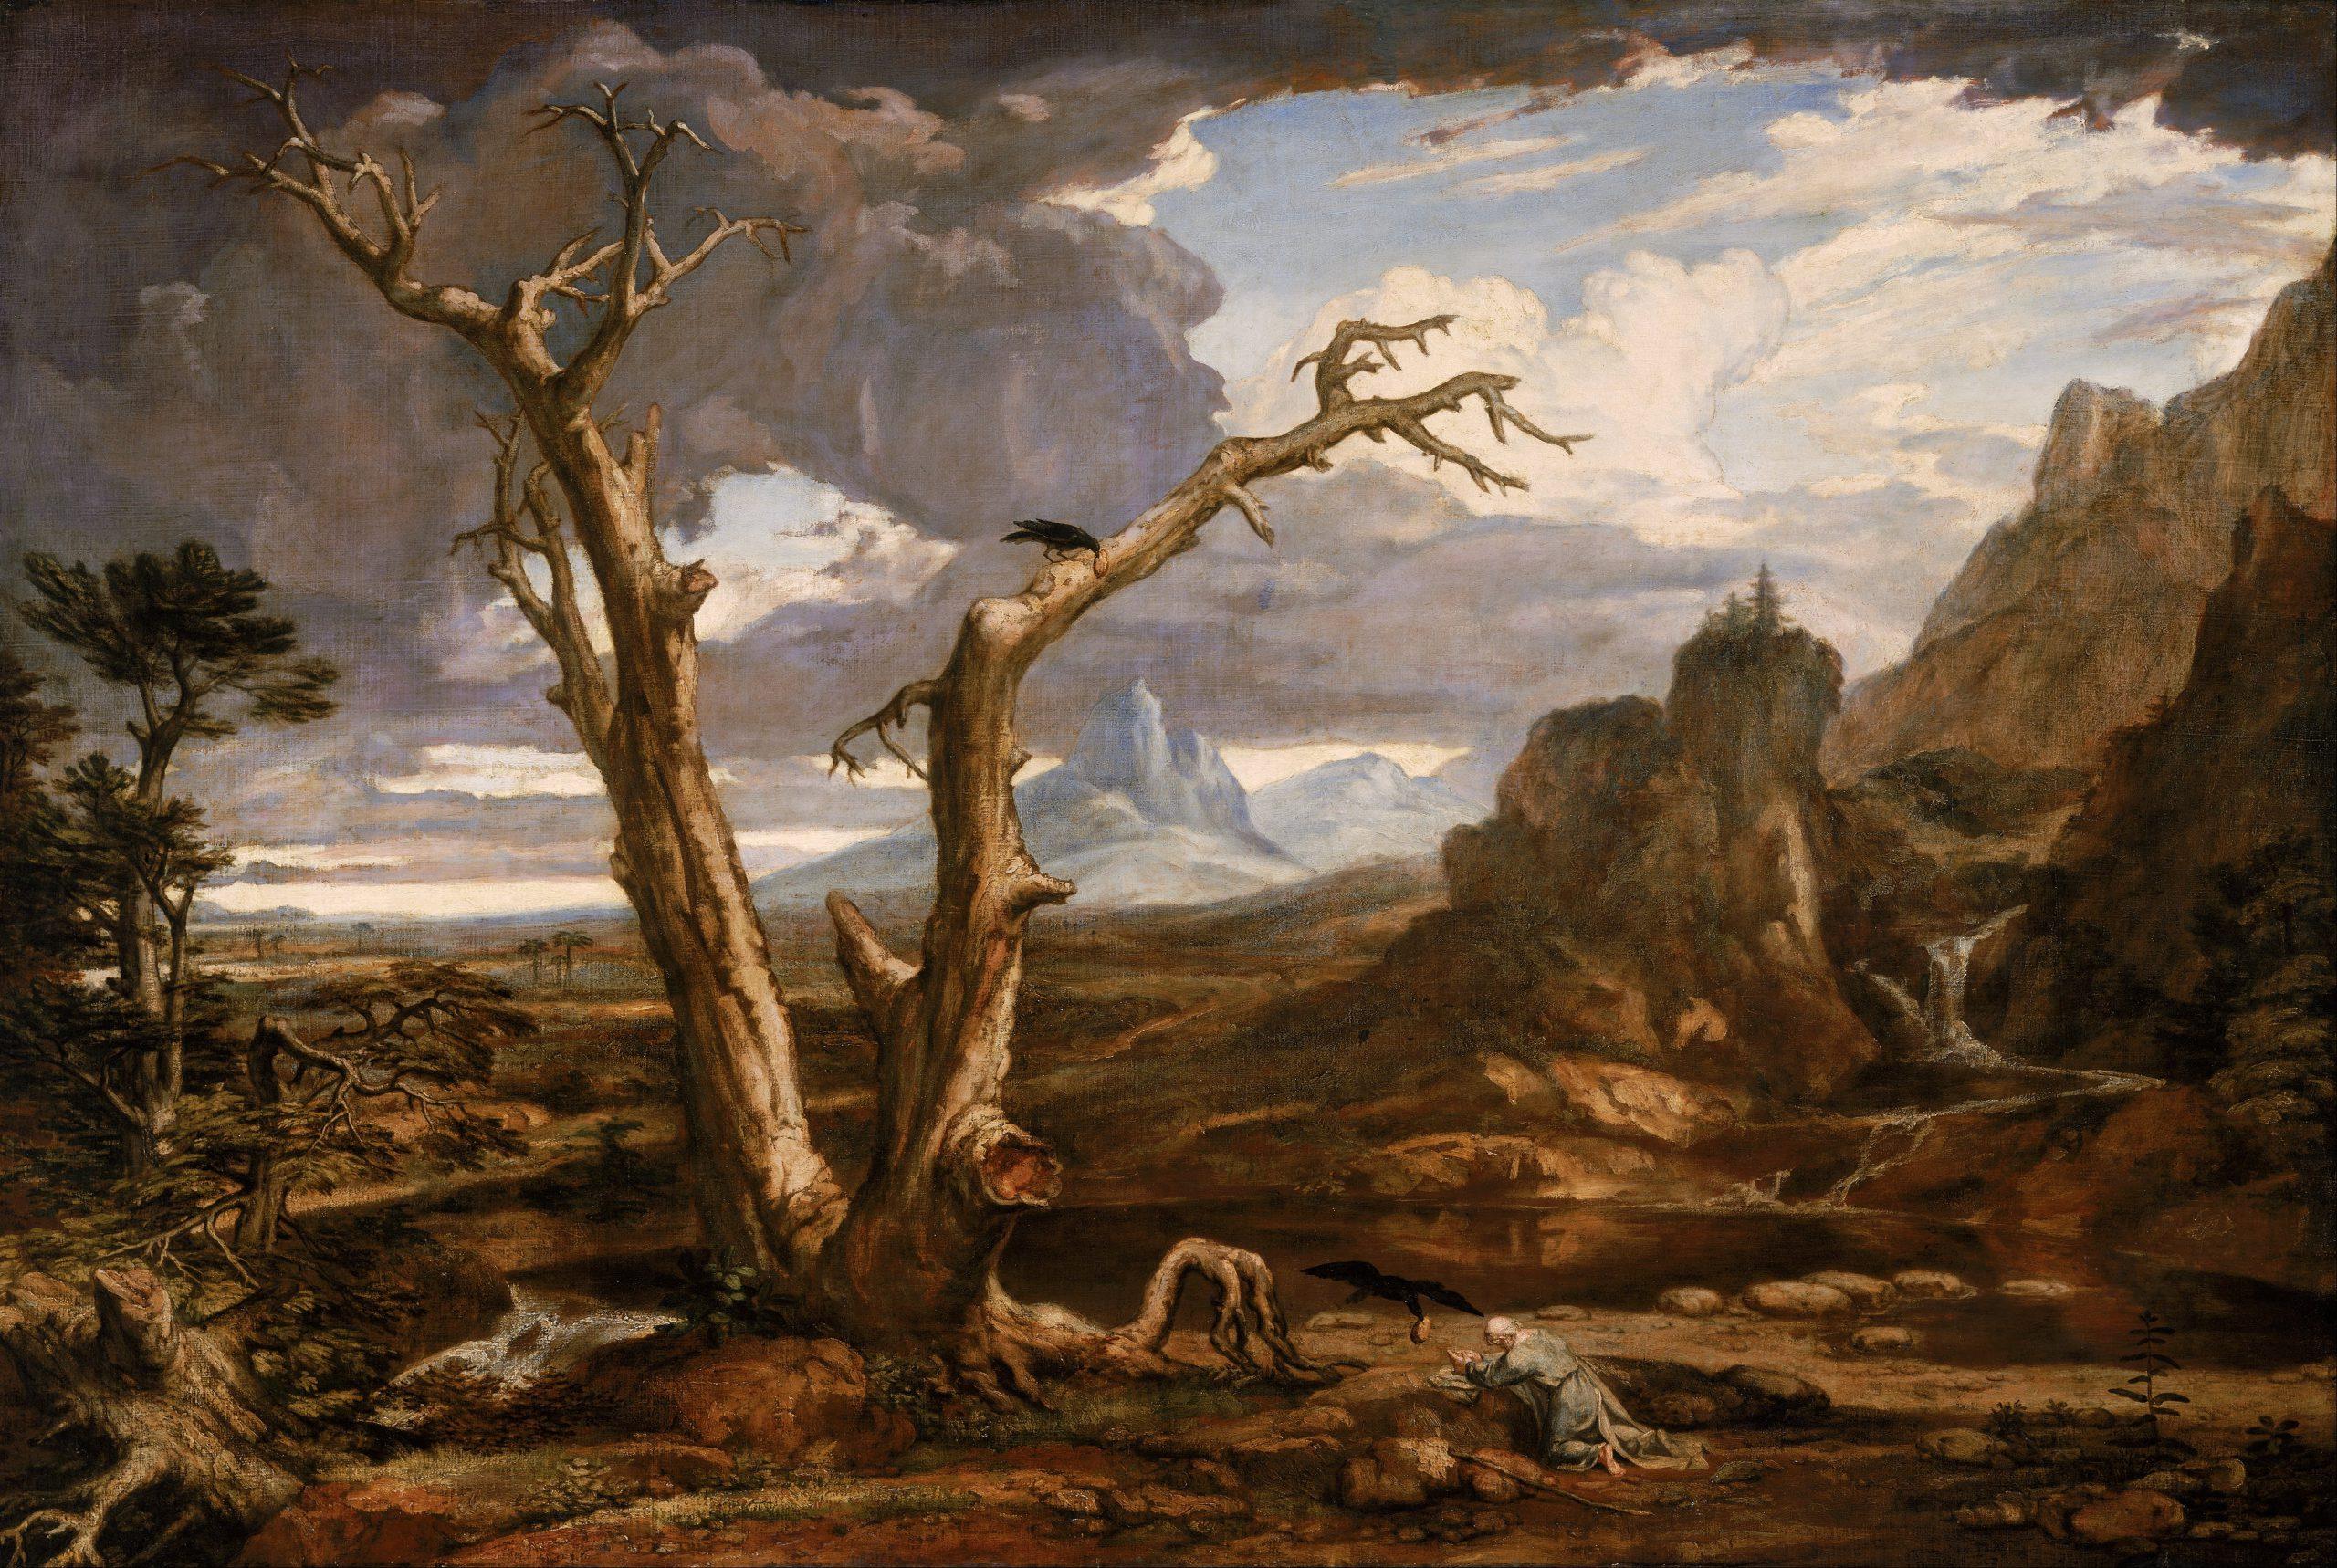 Elijah in despair